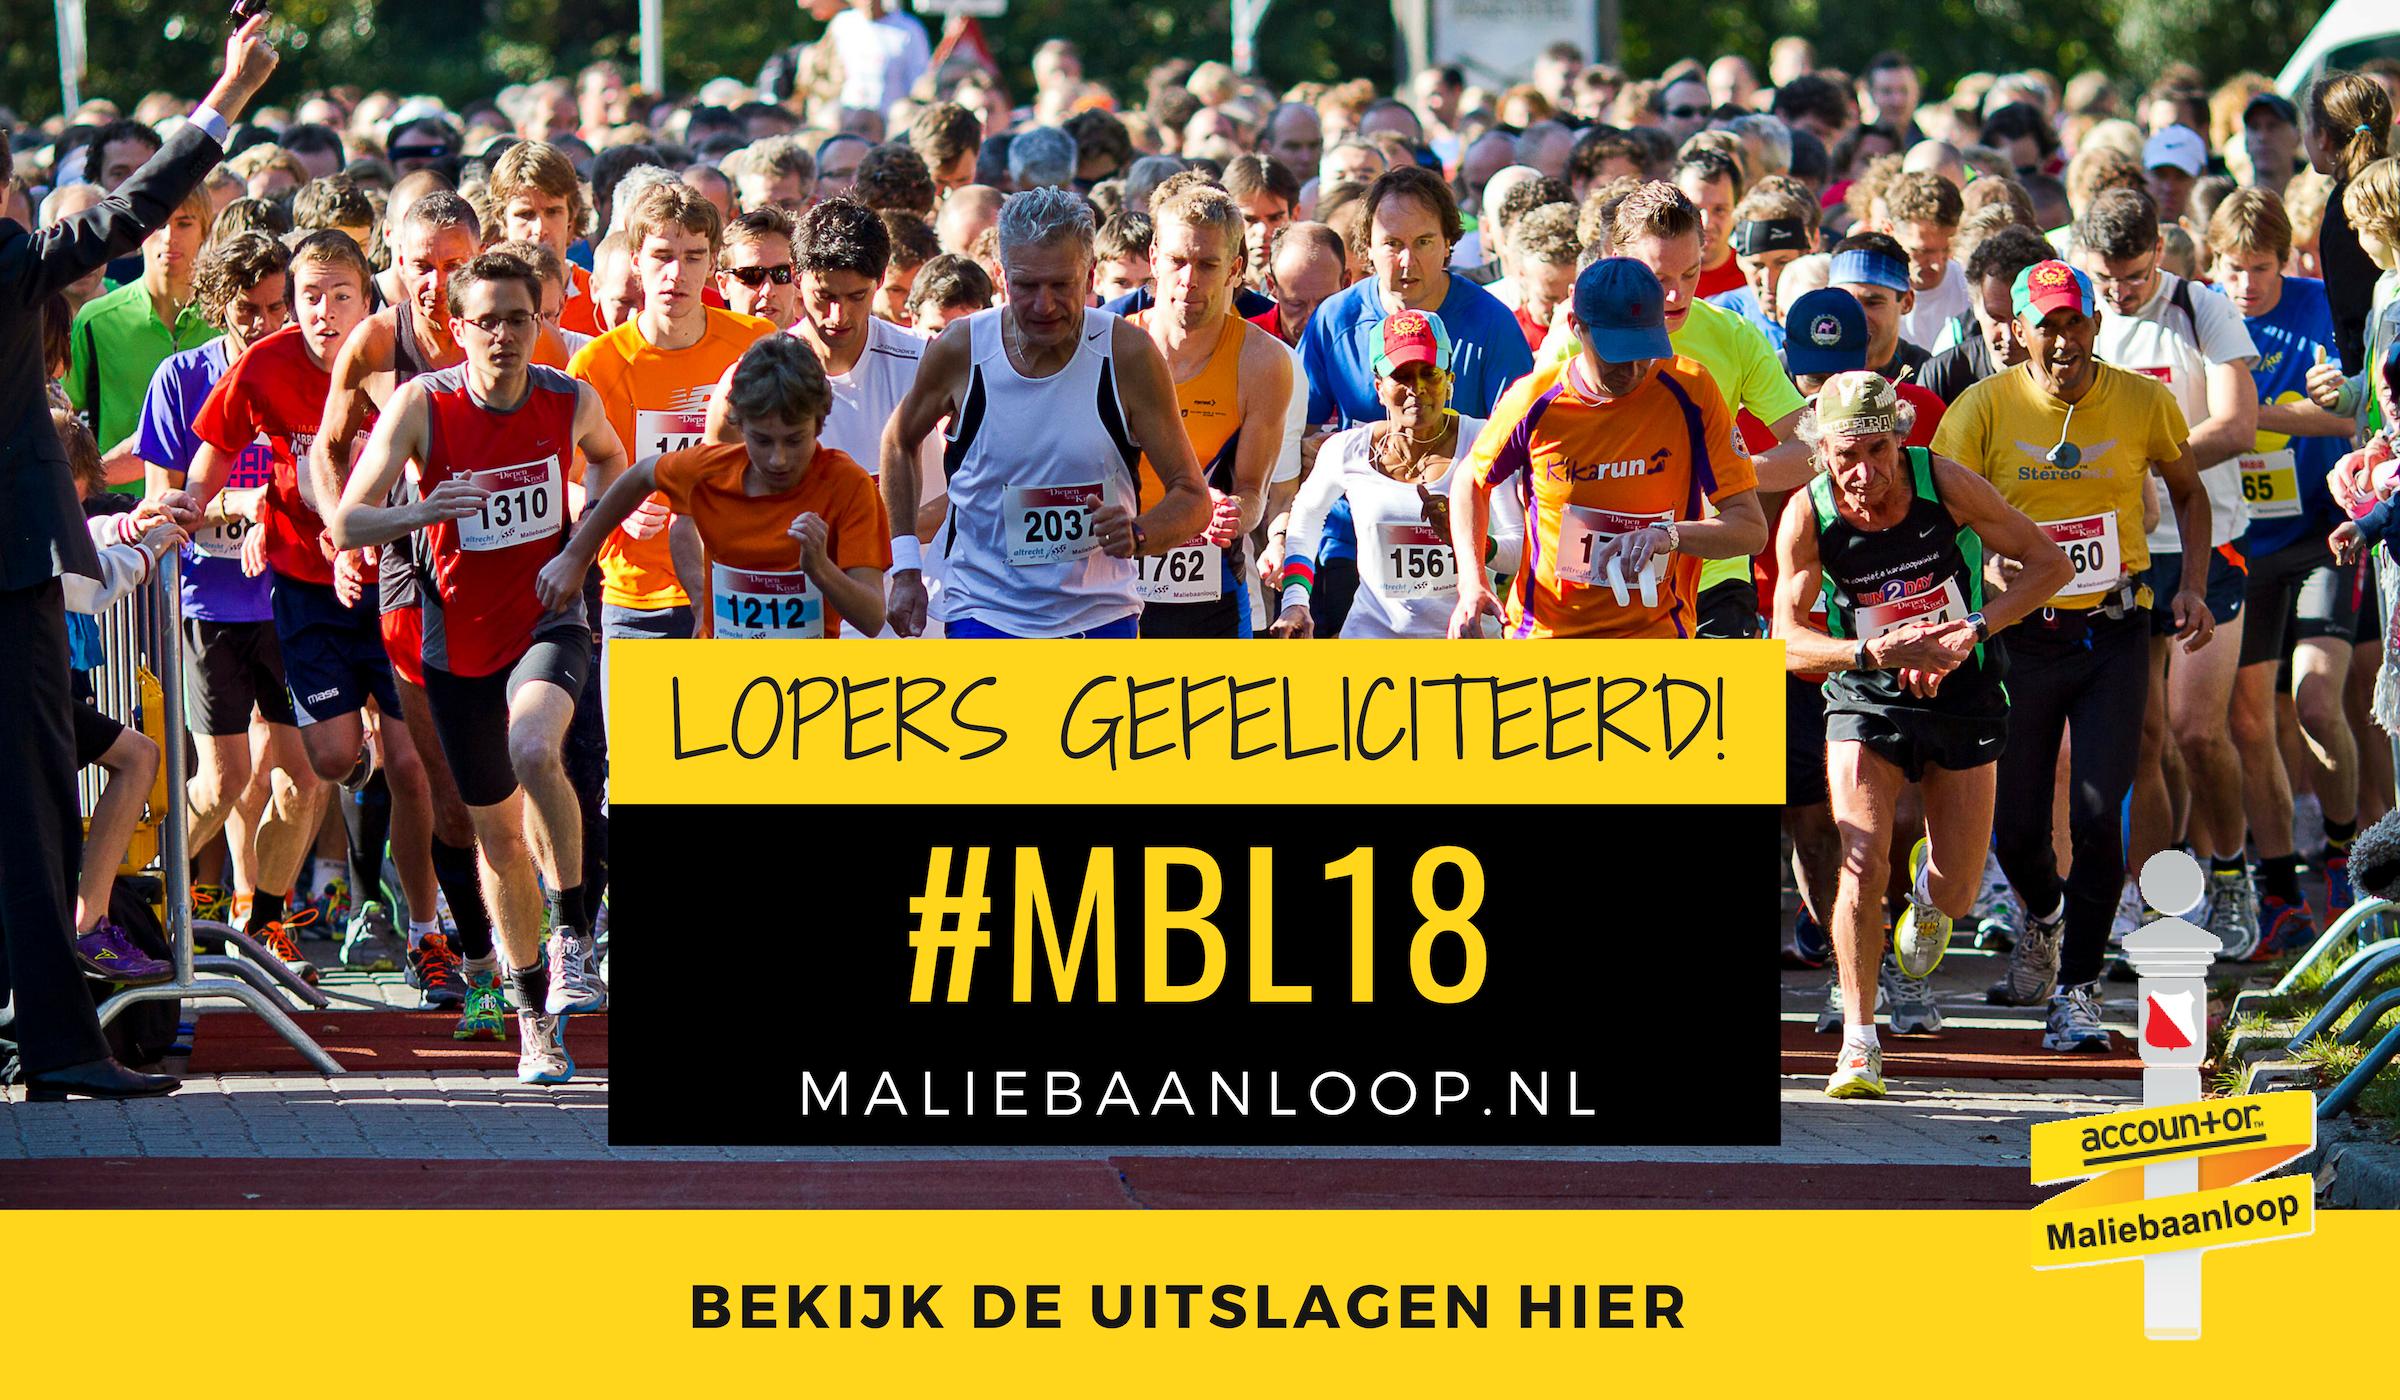 Uitslagen 34e Accountor Maliebaanloop 2018